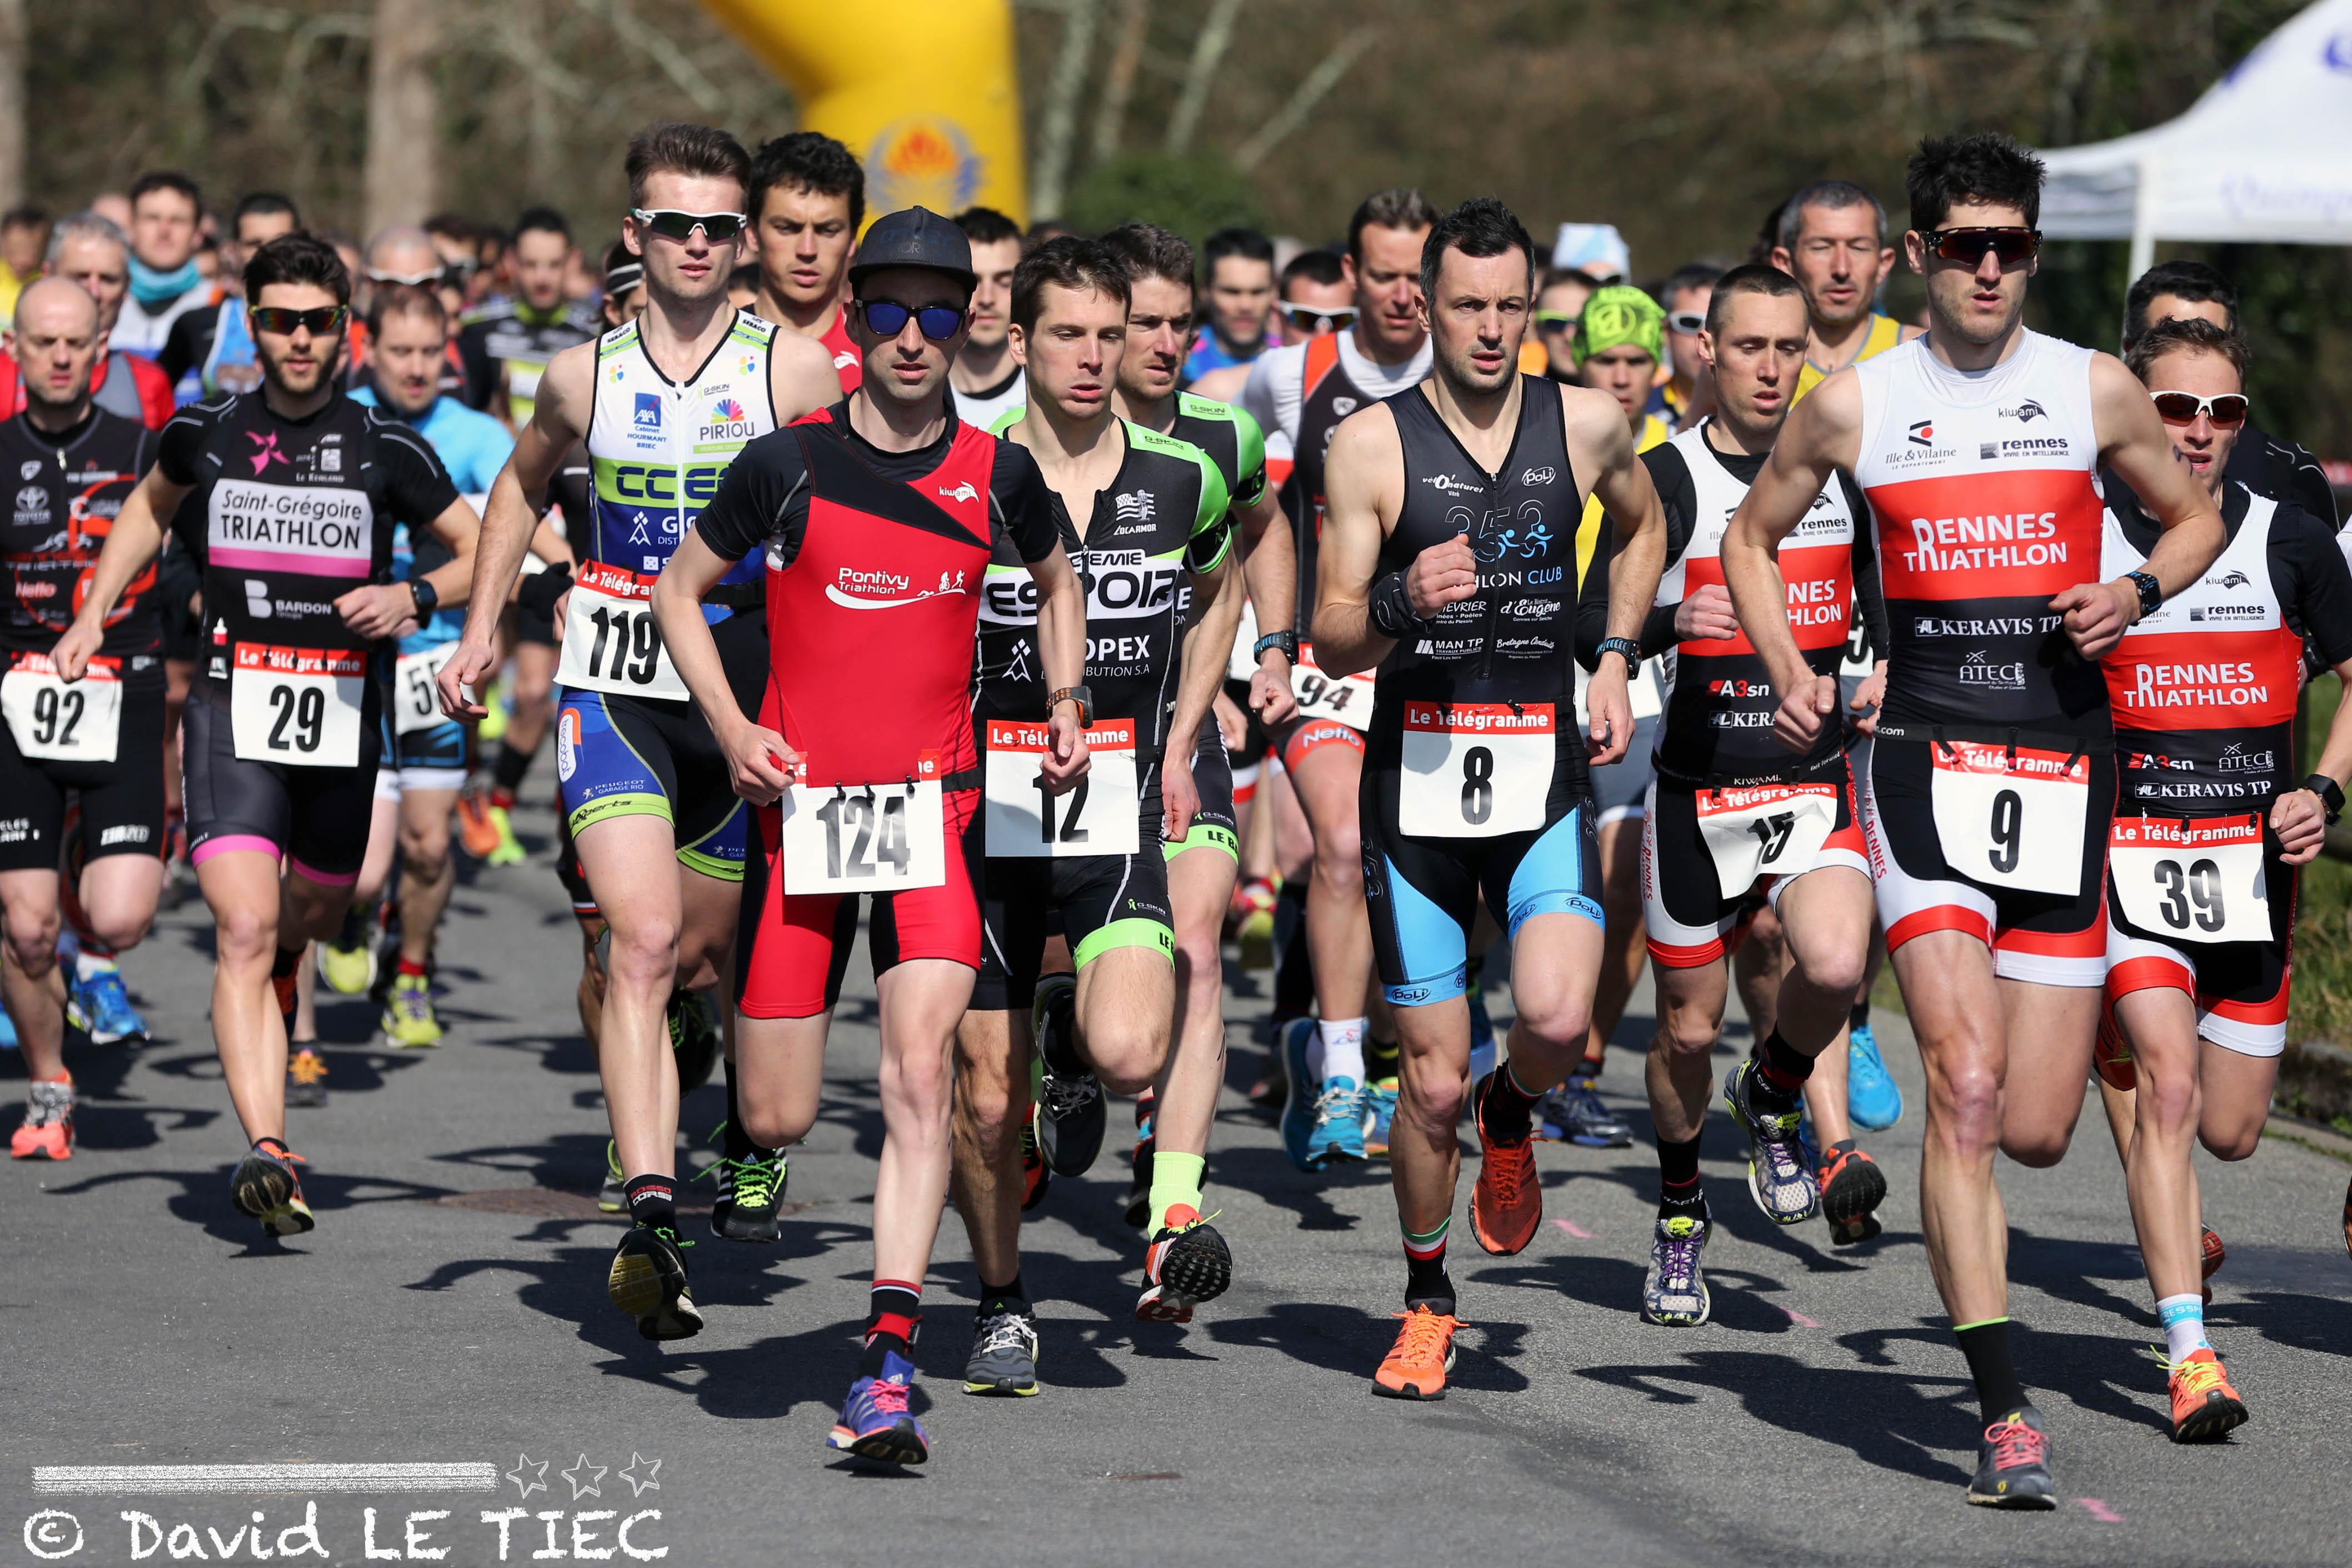 Championnats de Bretagne de duathlon à Quimper - Moulin vert, dimanche 20 mars 2016.